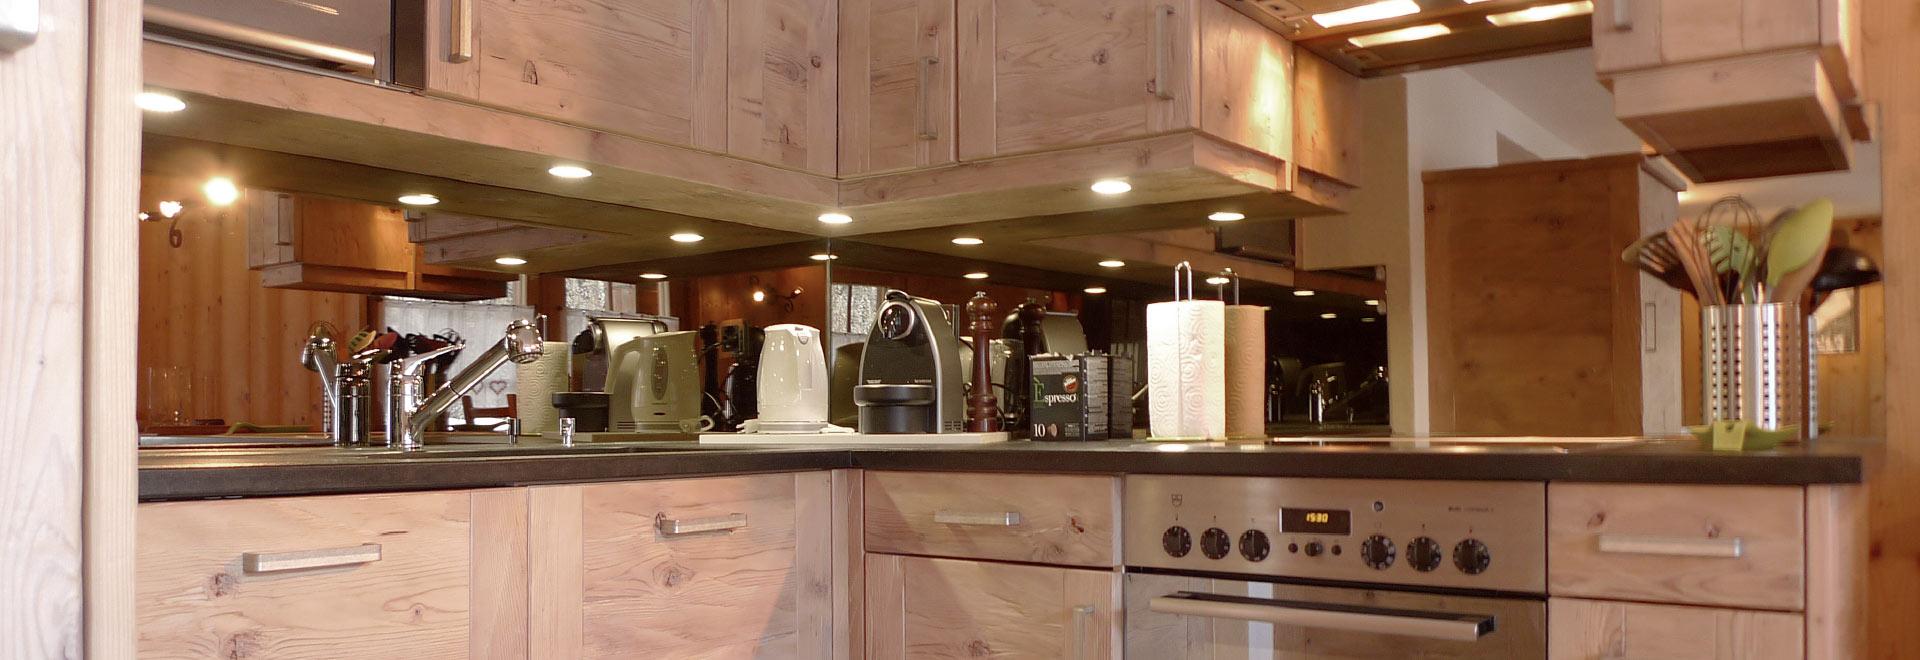 Chaletrenovierung und home staging immobilia grimentz for Innendekoration chalet